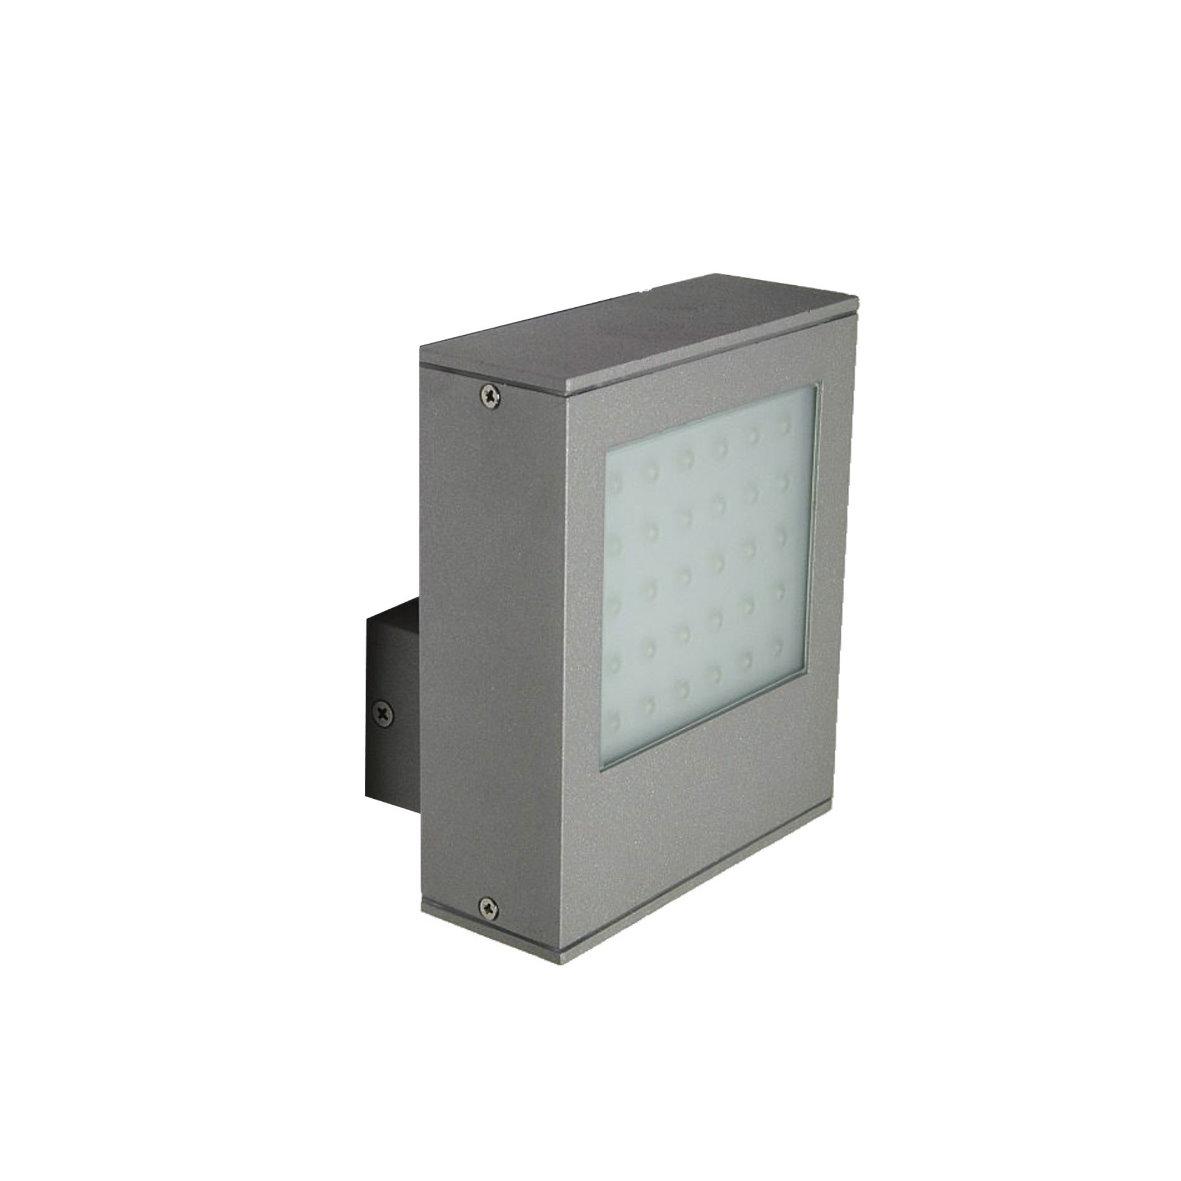 feuchtraum led leuchte led oval armatur feuchtraum leuchte 5 5w 450lm led smd au en leuchte. Black Bedroom Furniture Sets. Home Design Ideas